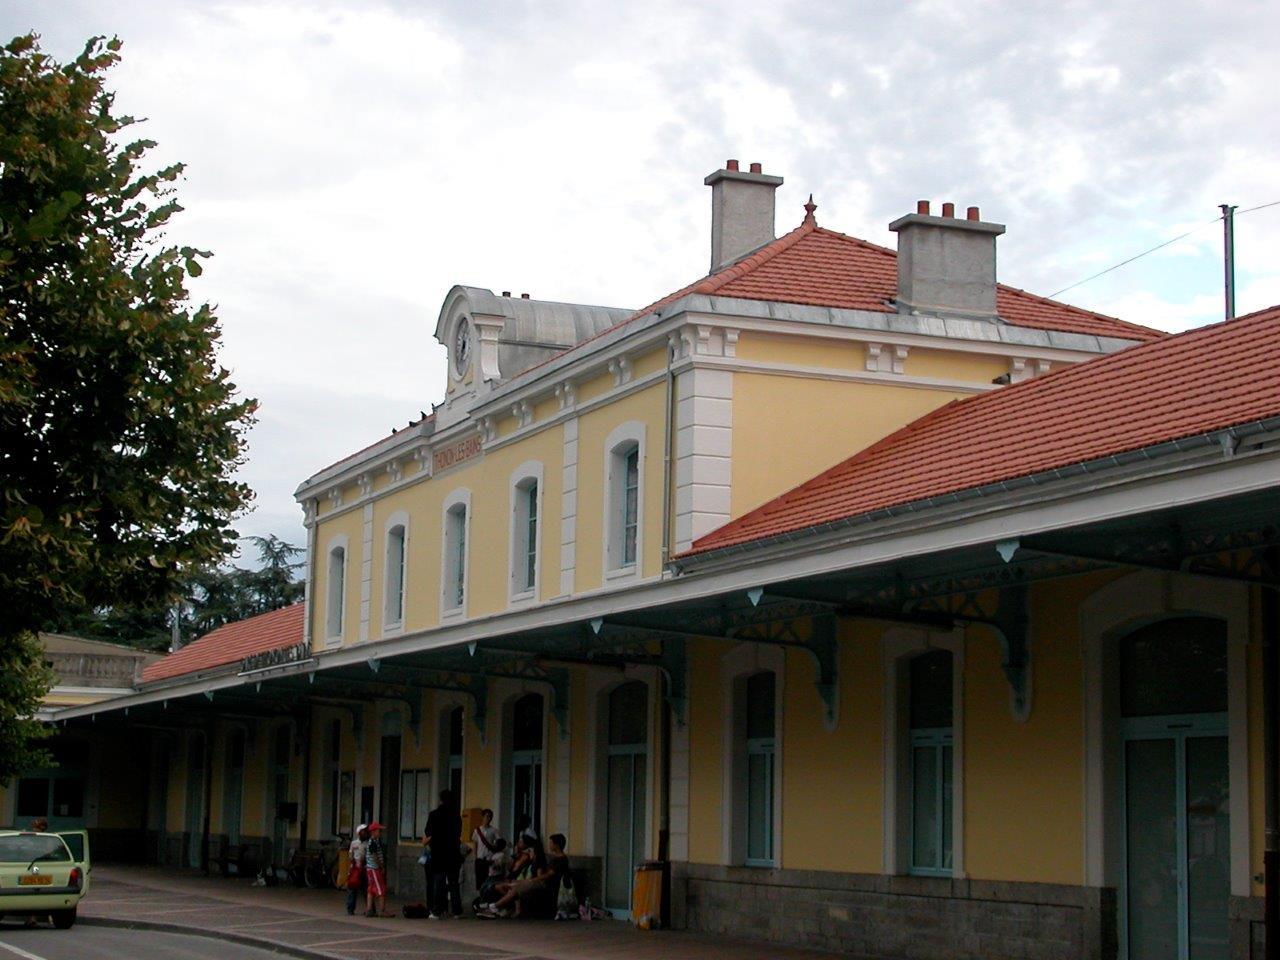 gare-de-thonon-les-bains-train-station